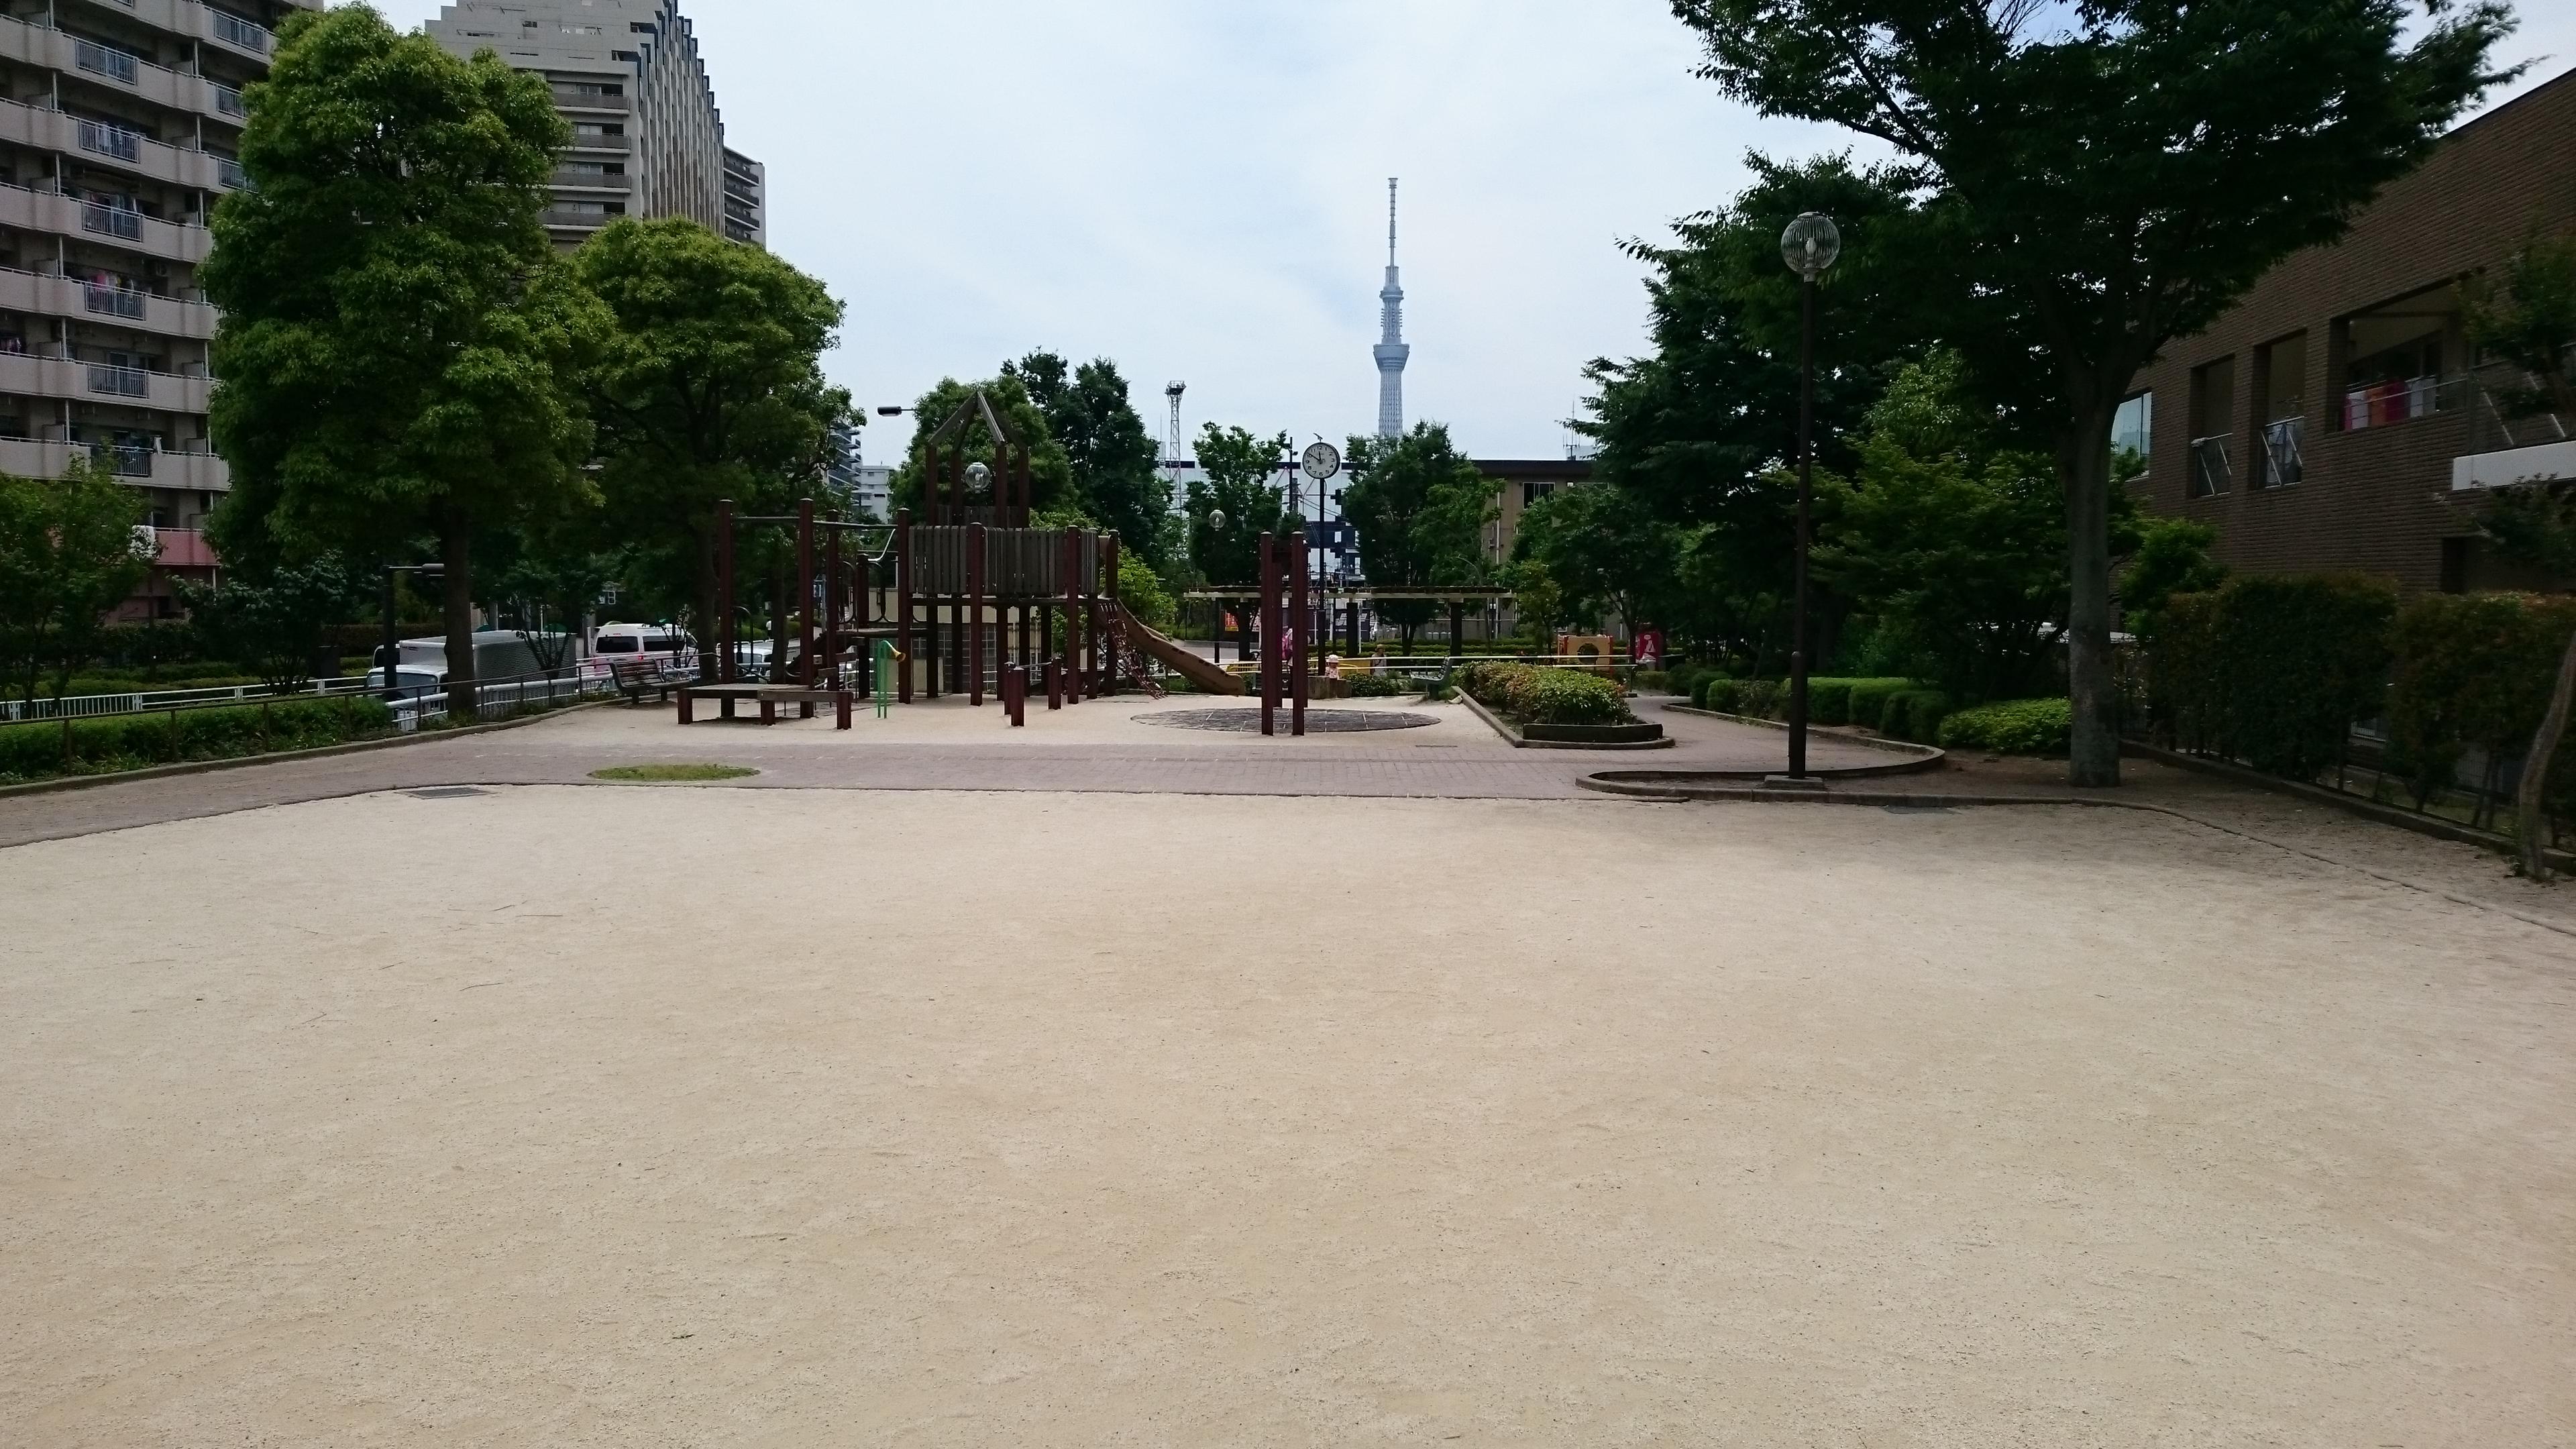 リバーハープ公園